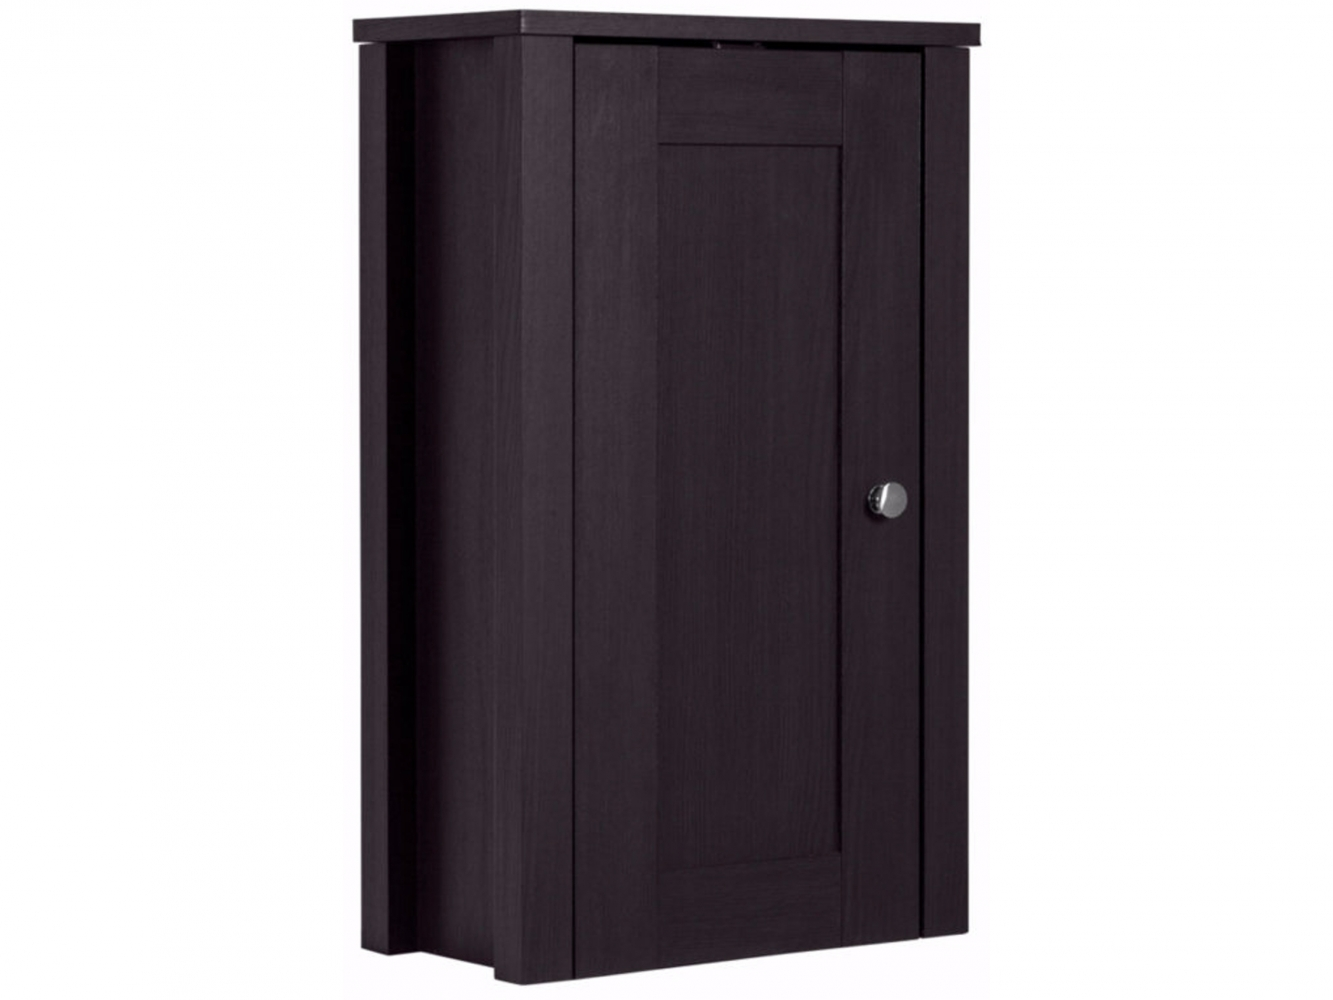 Koupelnová skříňka Johny, 60 cm, hnědá